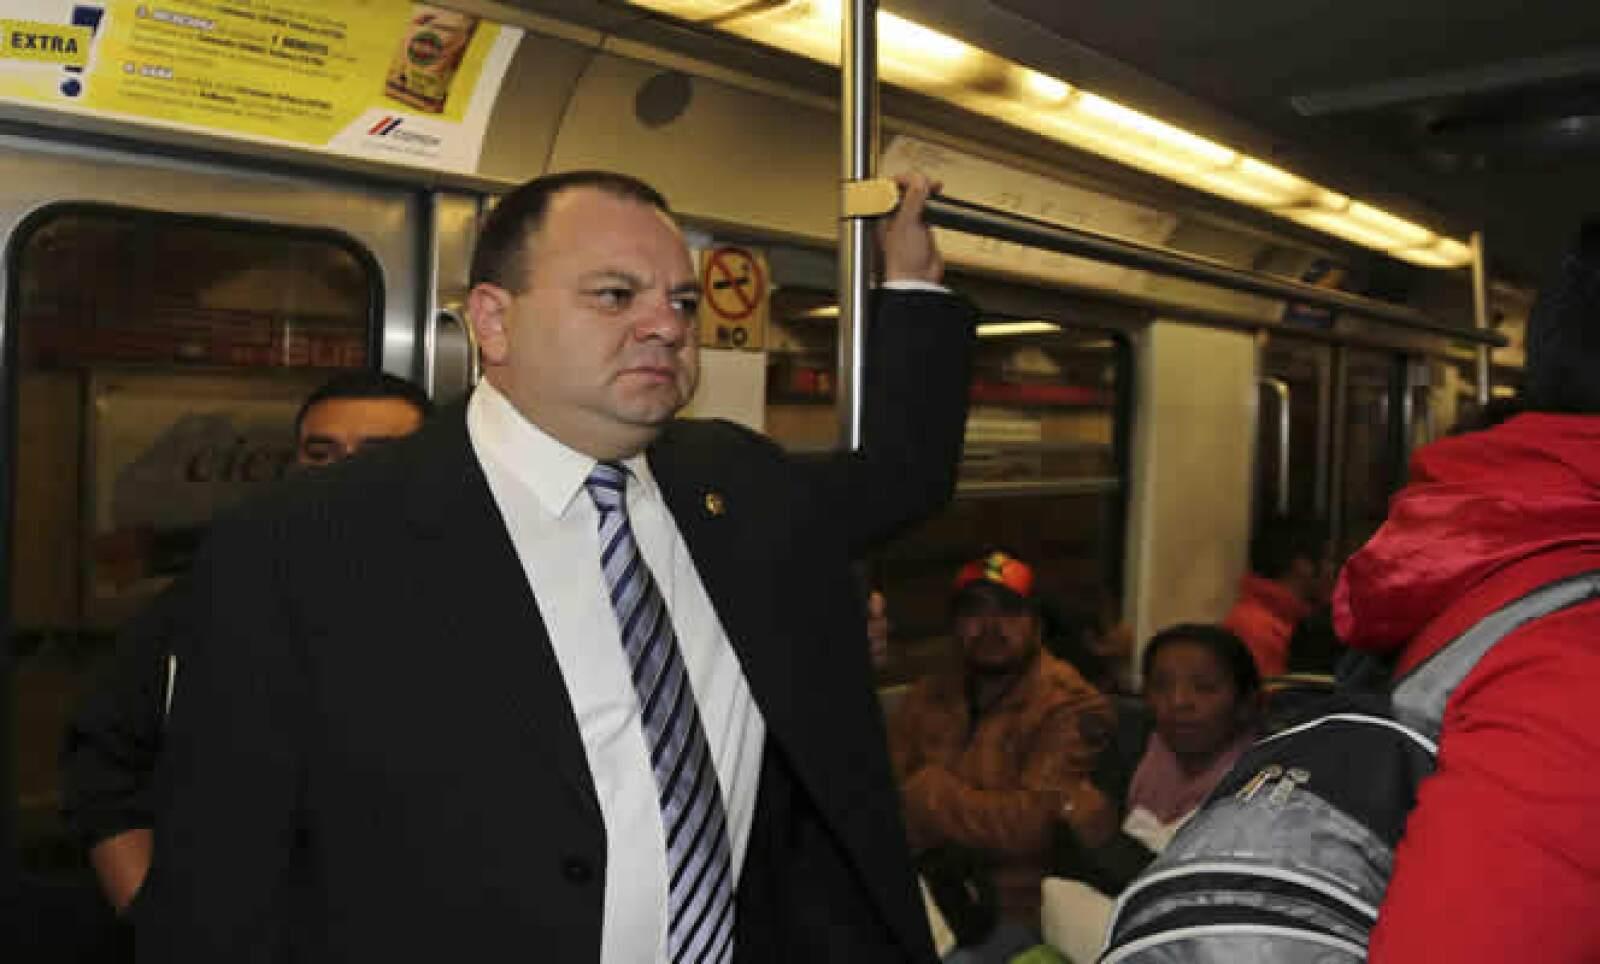 El secretario de Seguridad Pública del Distrito Federal, Jesús Rodríguez Almeida fue uno de los funcionarios del Gobierno capitalino que viajó en transporte público para unirse a la celebración.